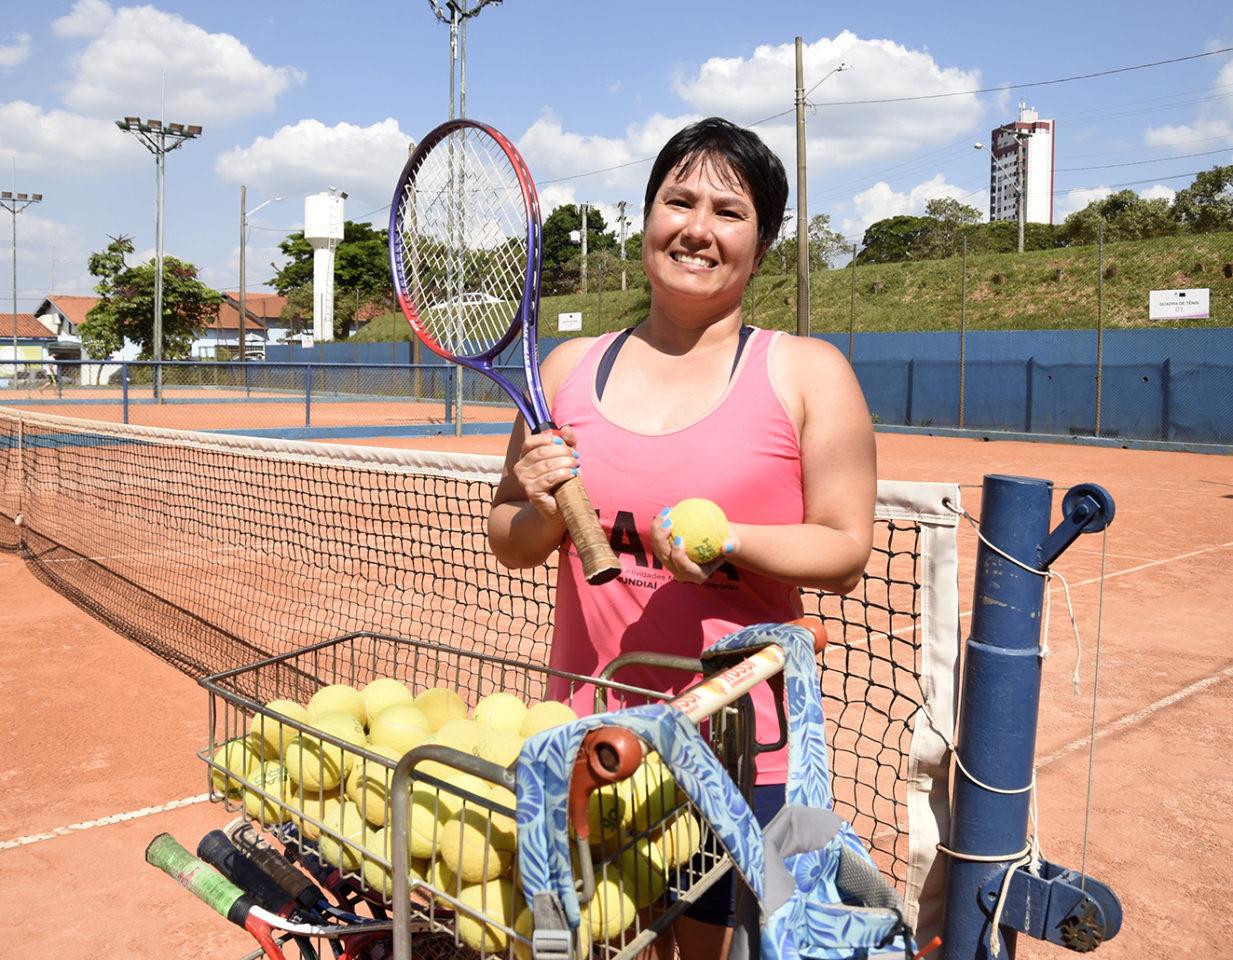 Mariana Harano pratica tênis, atletismo e outros três esportes